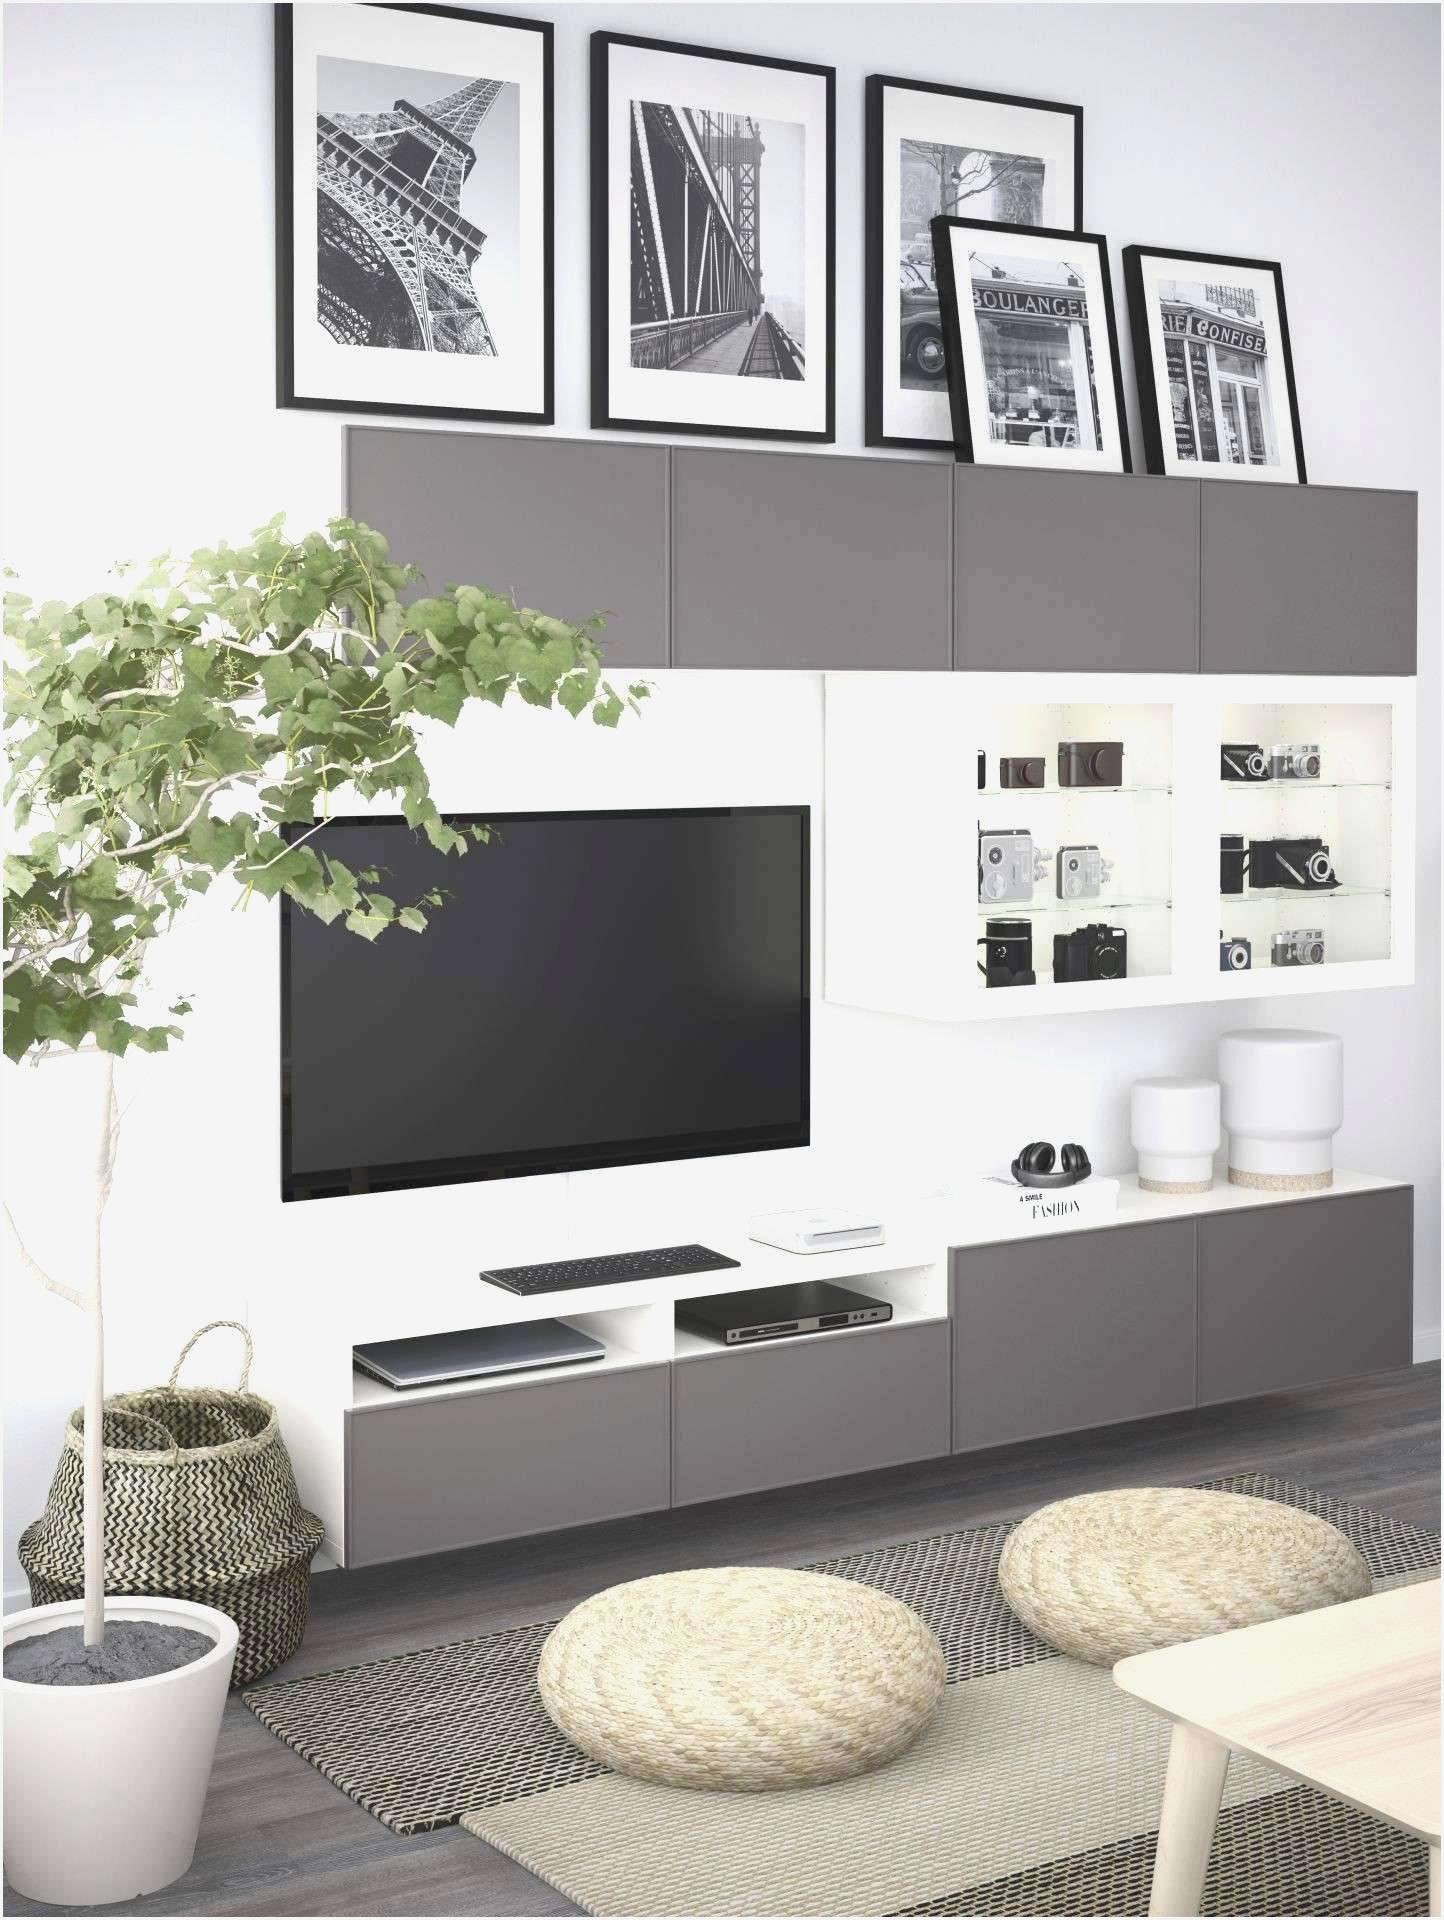 ikea wohnzimmer dekoration